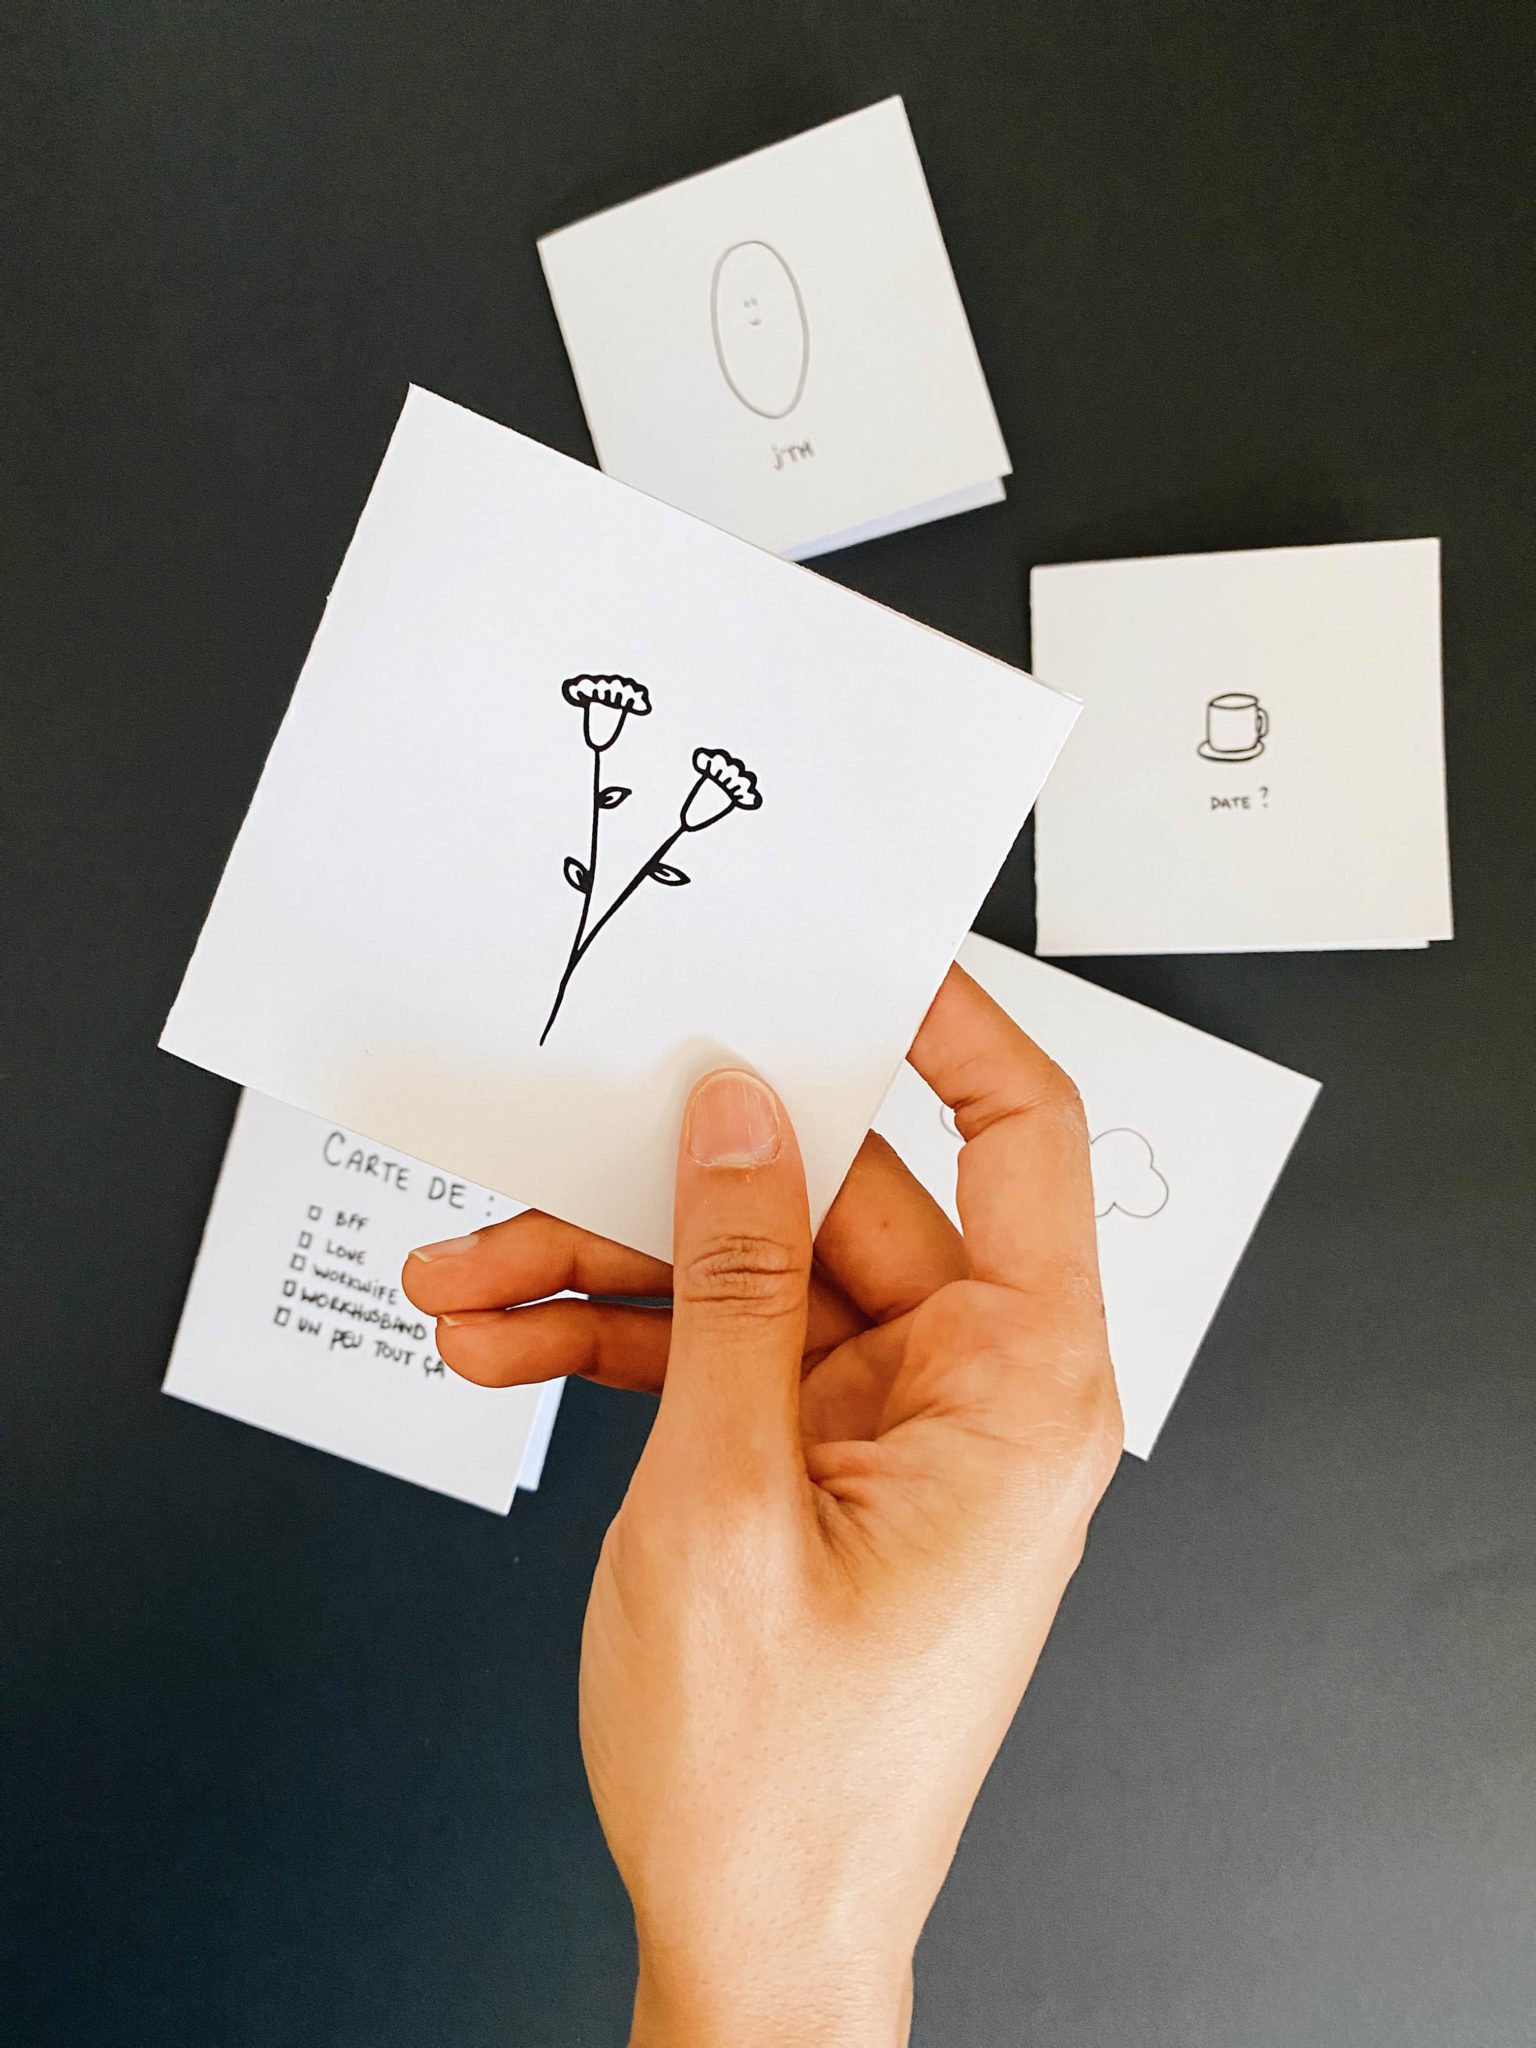 Petites Cartes De St Valentin Gratuites A Imprimer Club Social